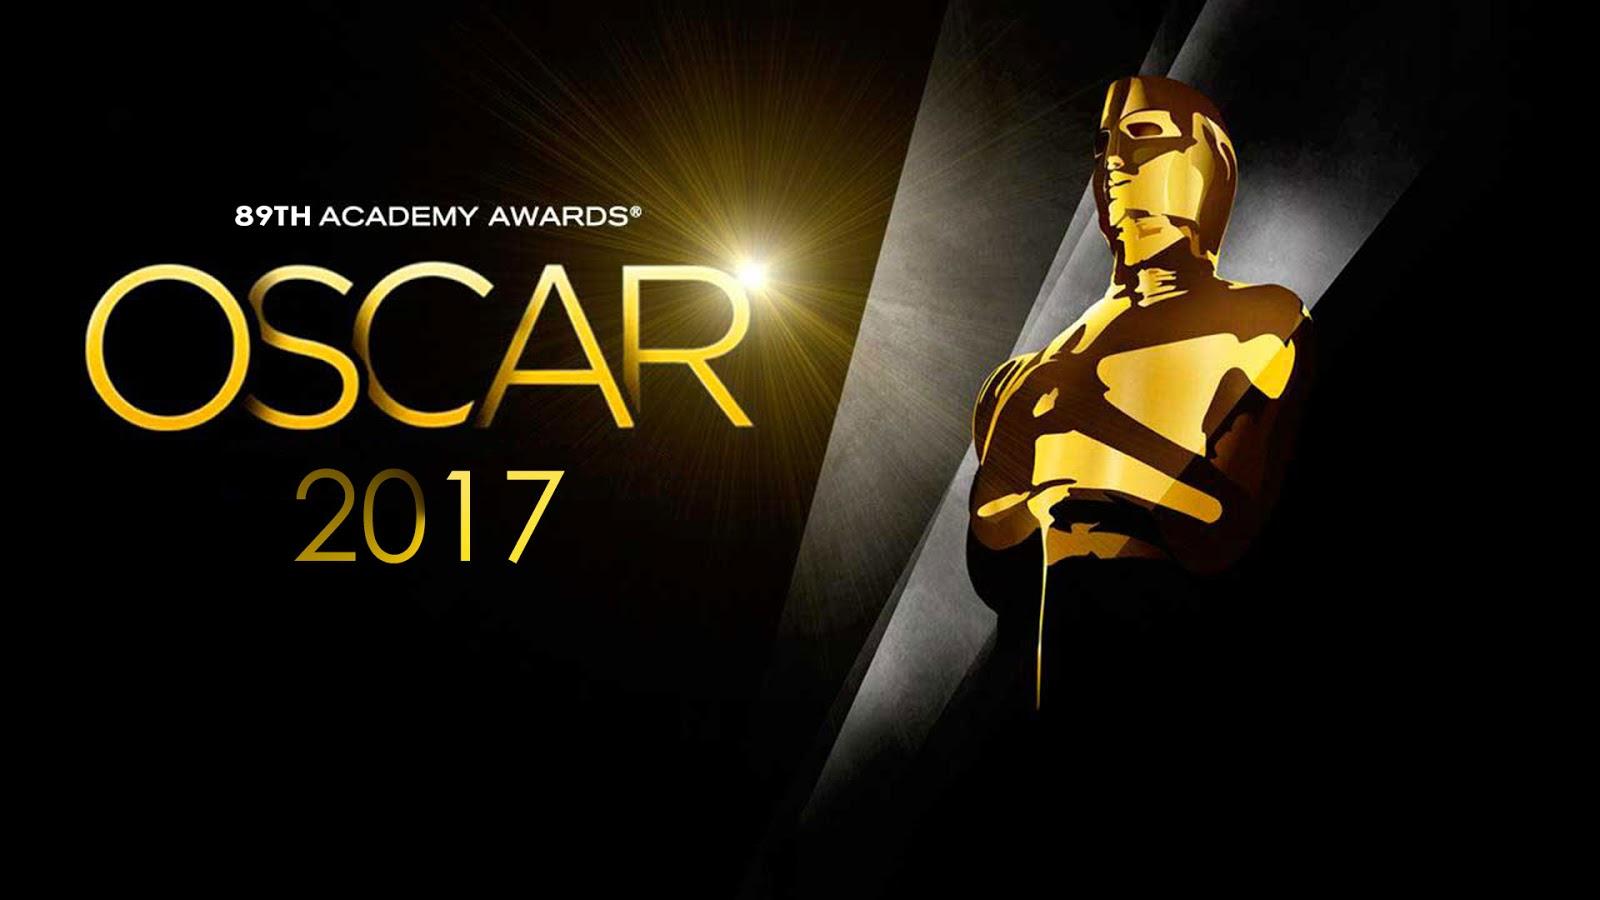 Au fost anuntate nominalizarile la Oscar pentru 2017!